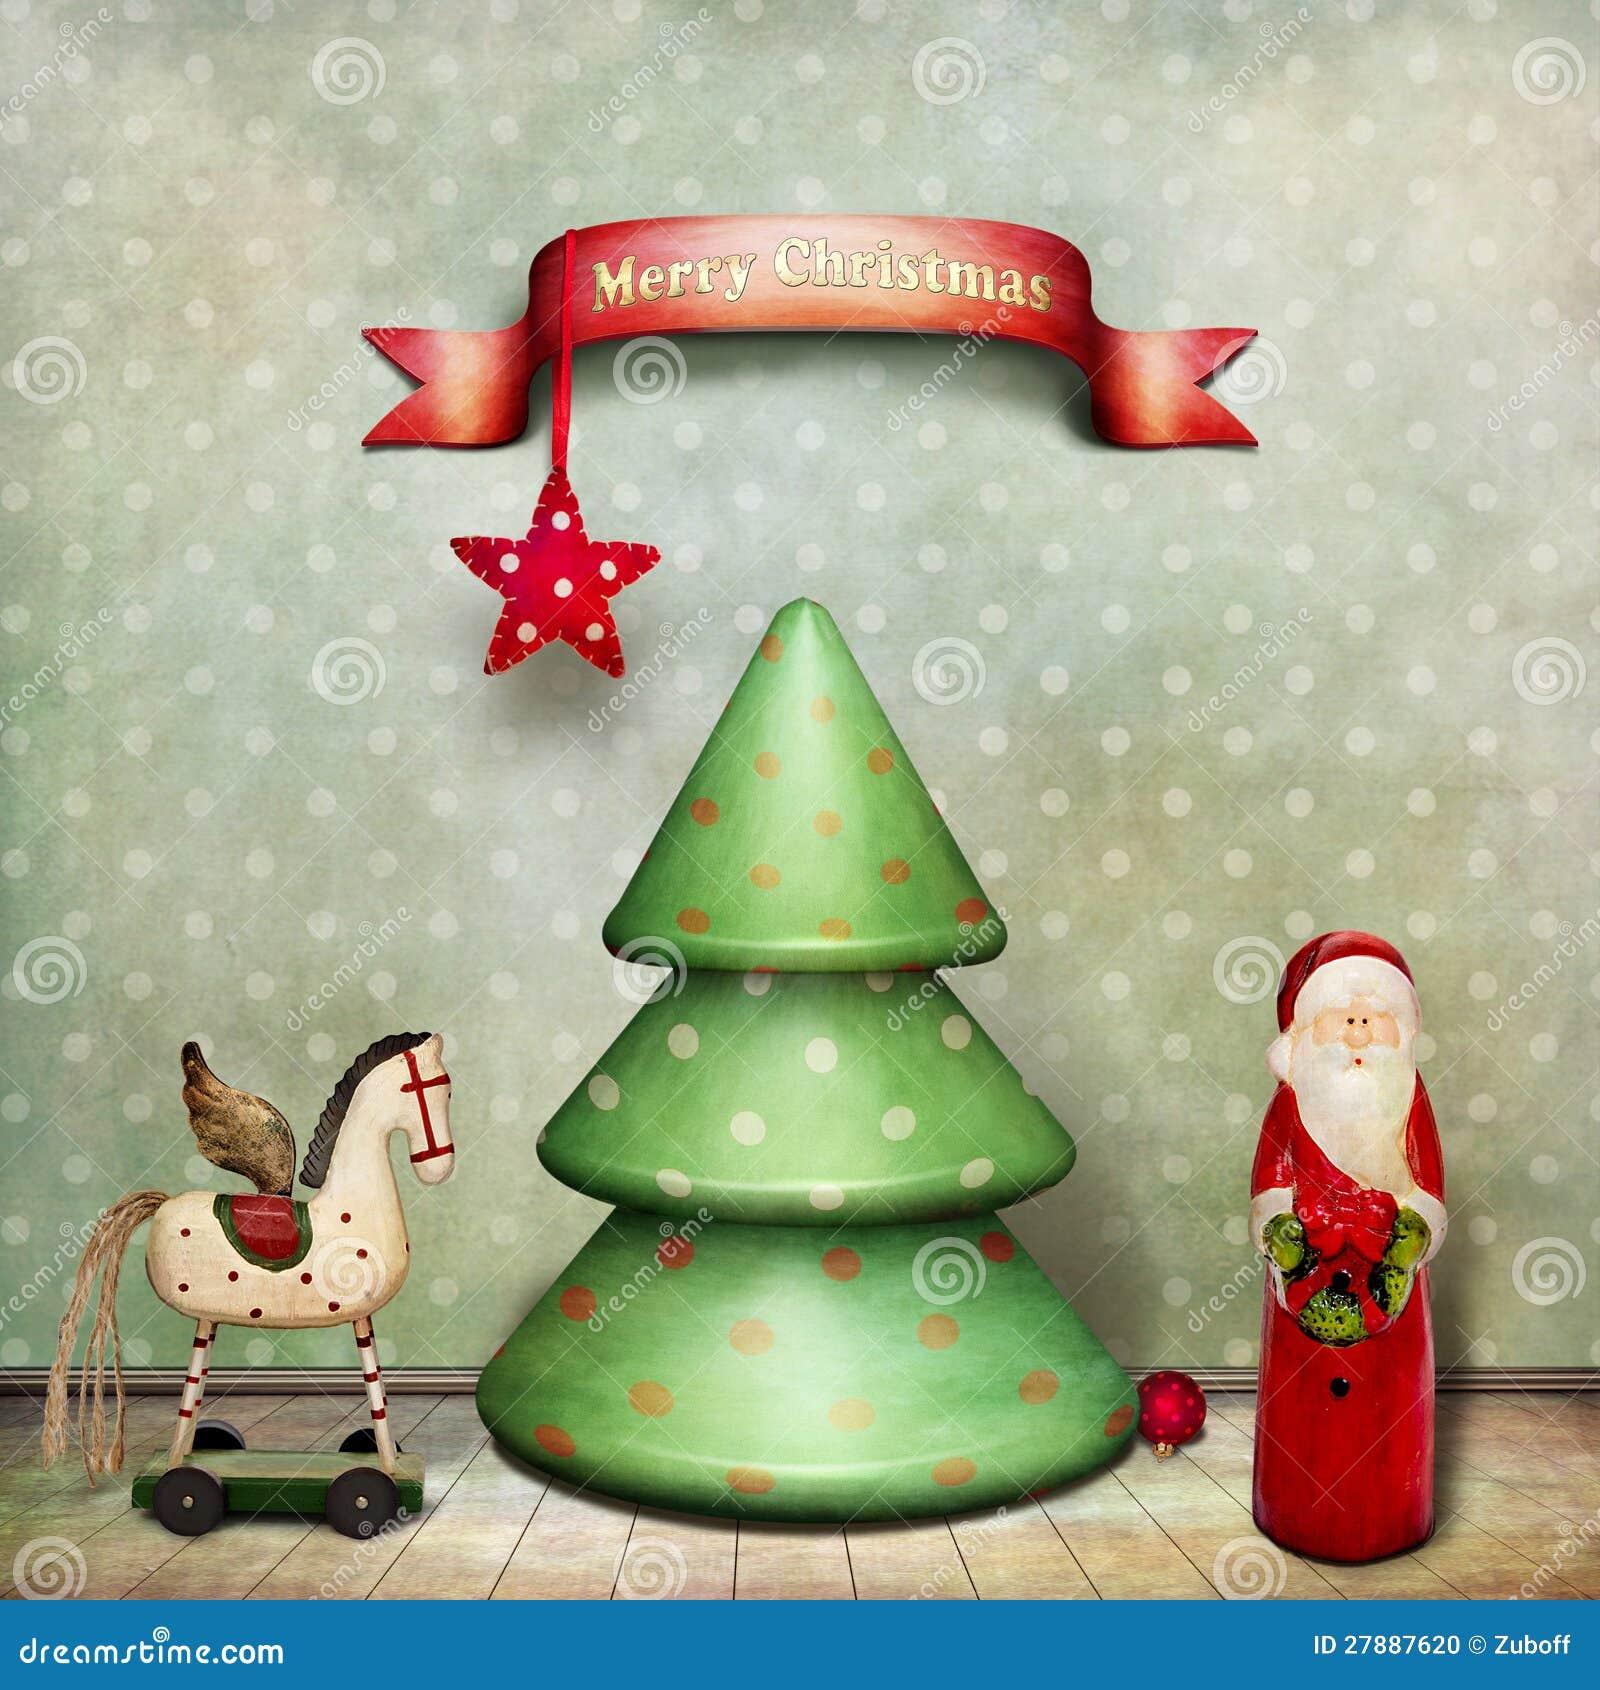 kunst postkarte hintergrund weihnachten stock. Black Bedroom Furniture Sets. Home Design Ideas